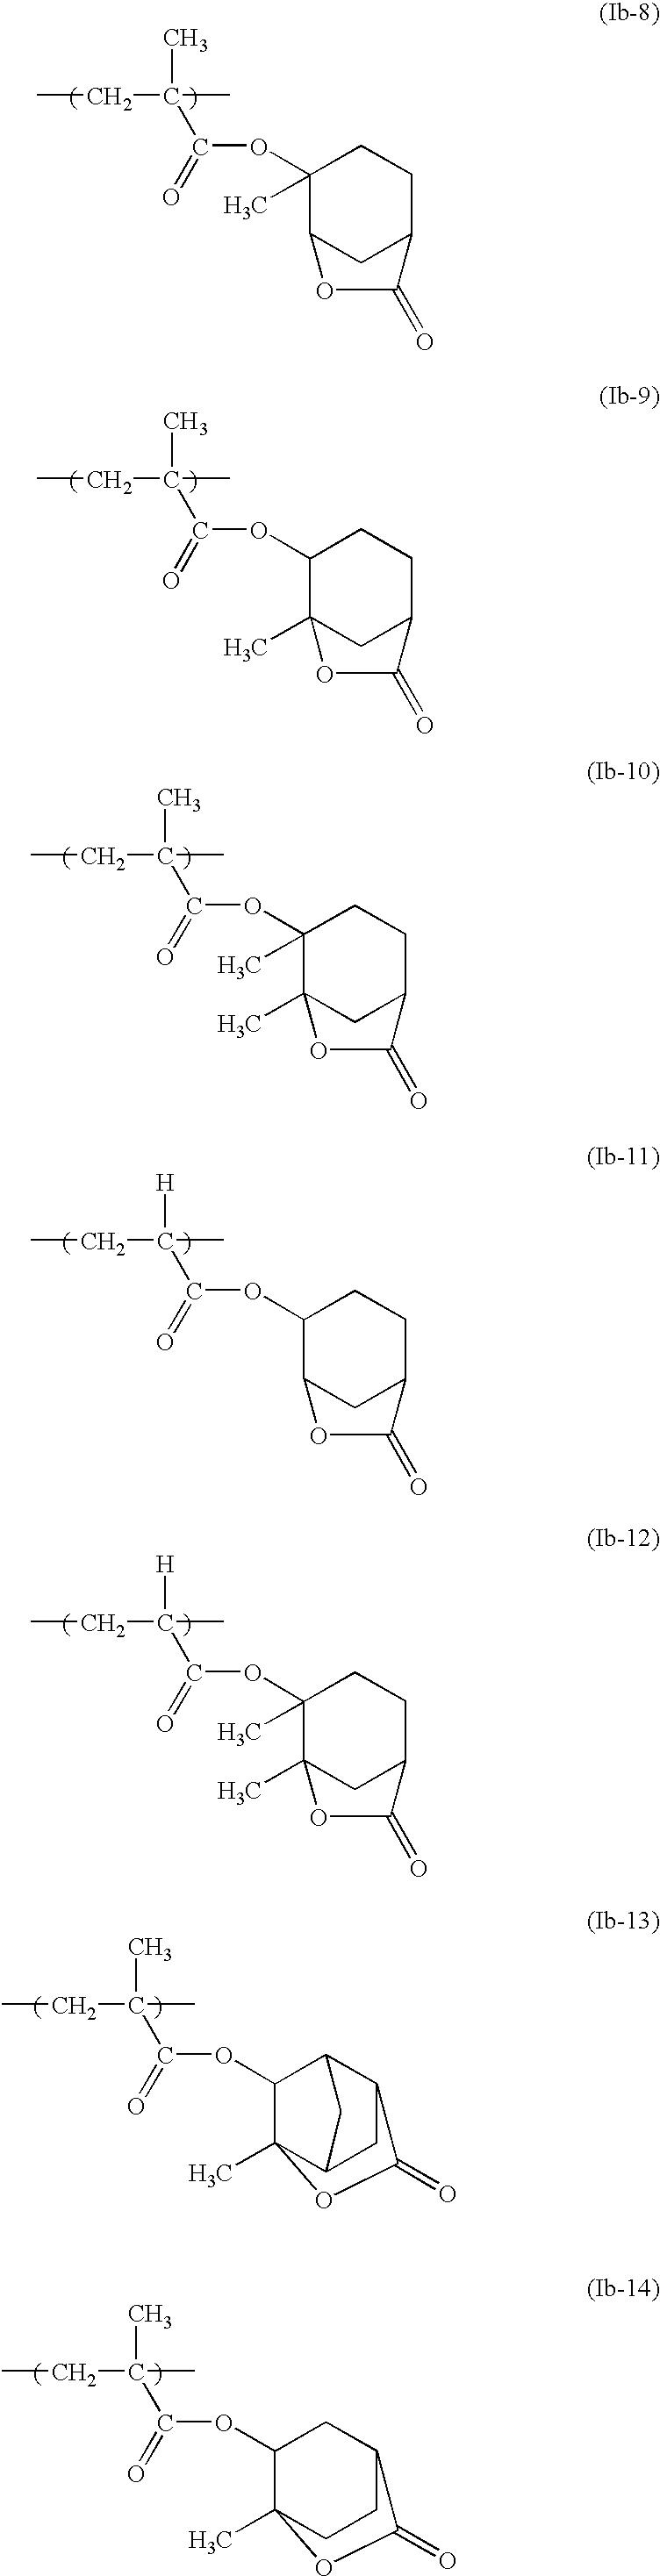 Figure US20030186161A1-20031002-C00101